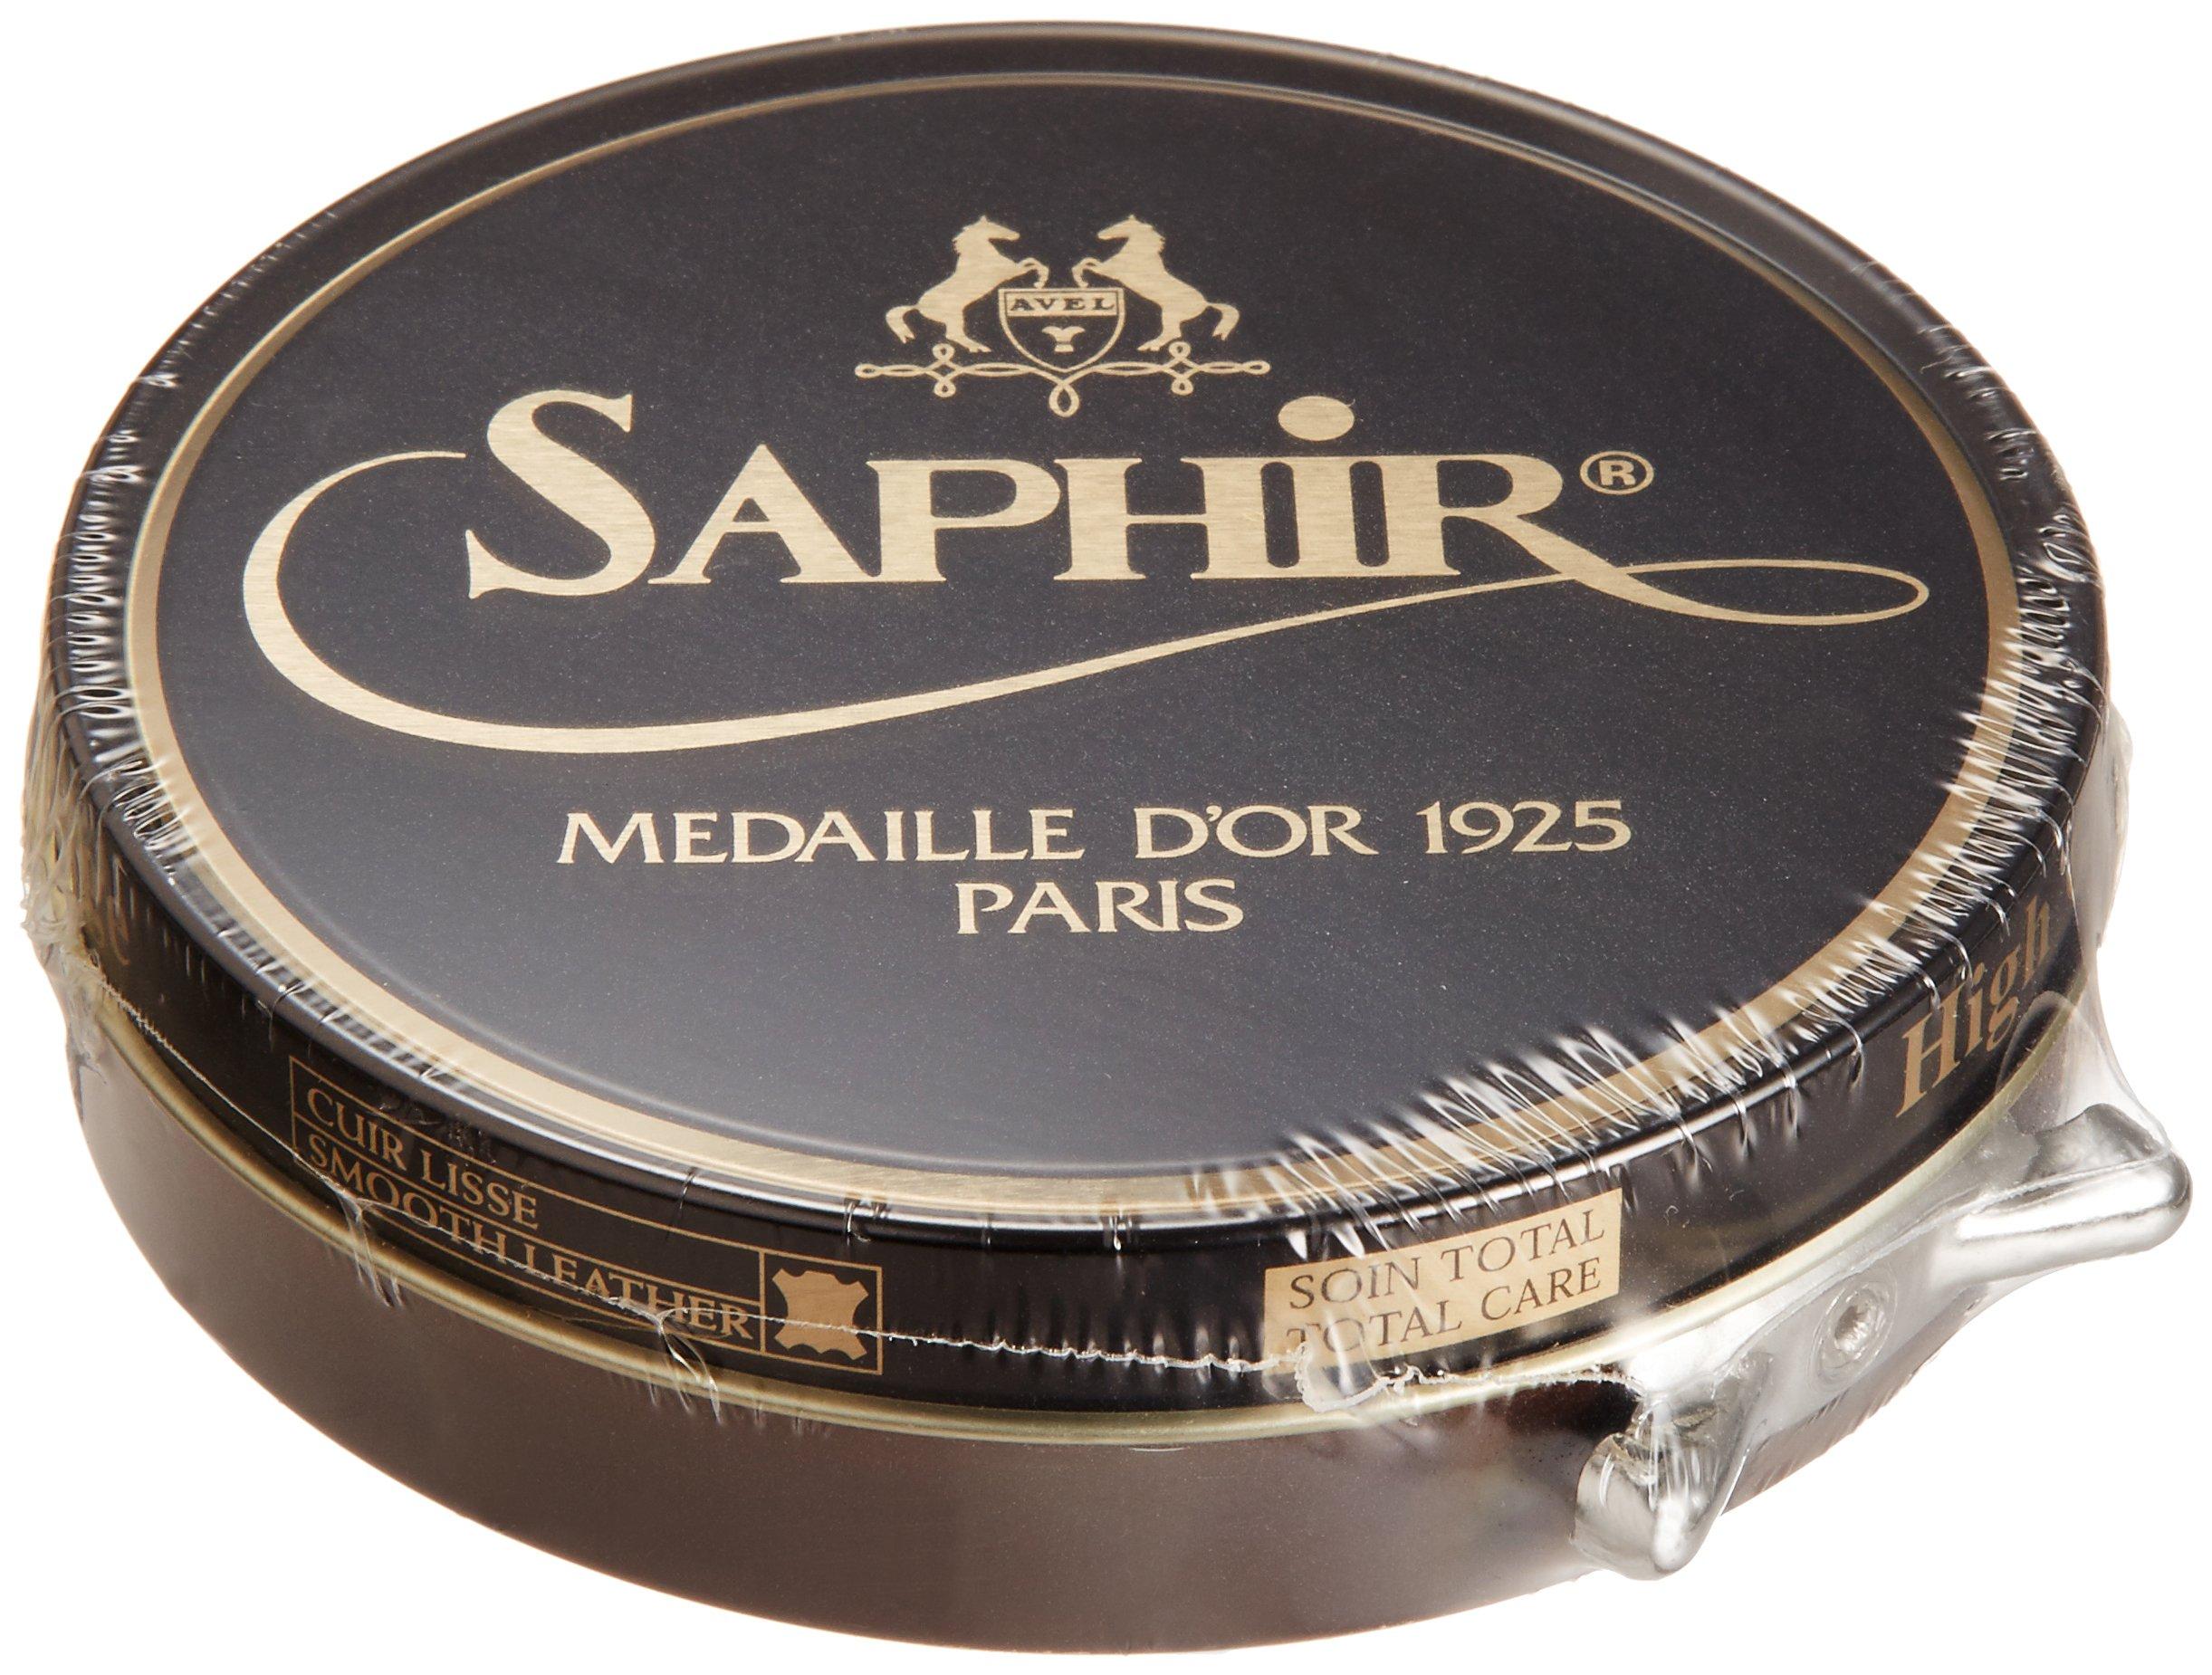 Saphir Medaille d'Or Pate De Luxe - Lustrador de cera natura